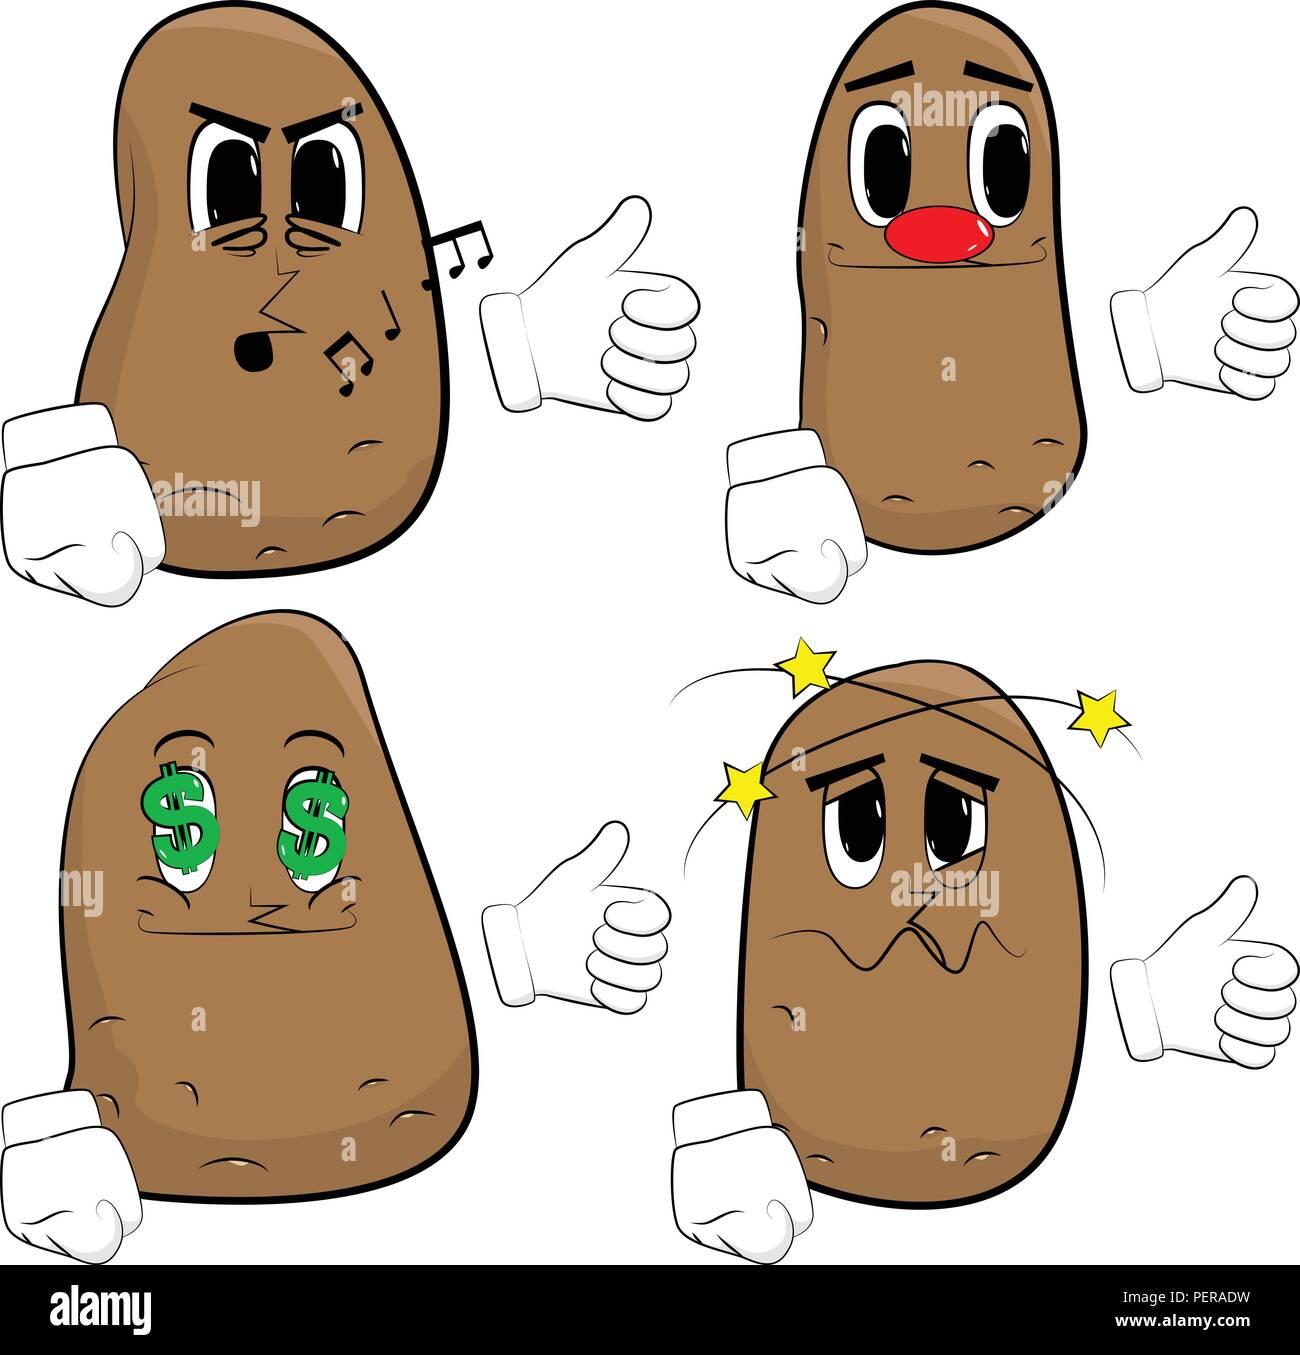 Patatas Haciendo Thumbs Up Sign Dibujos Animados Colección De